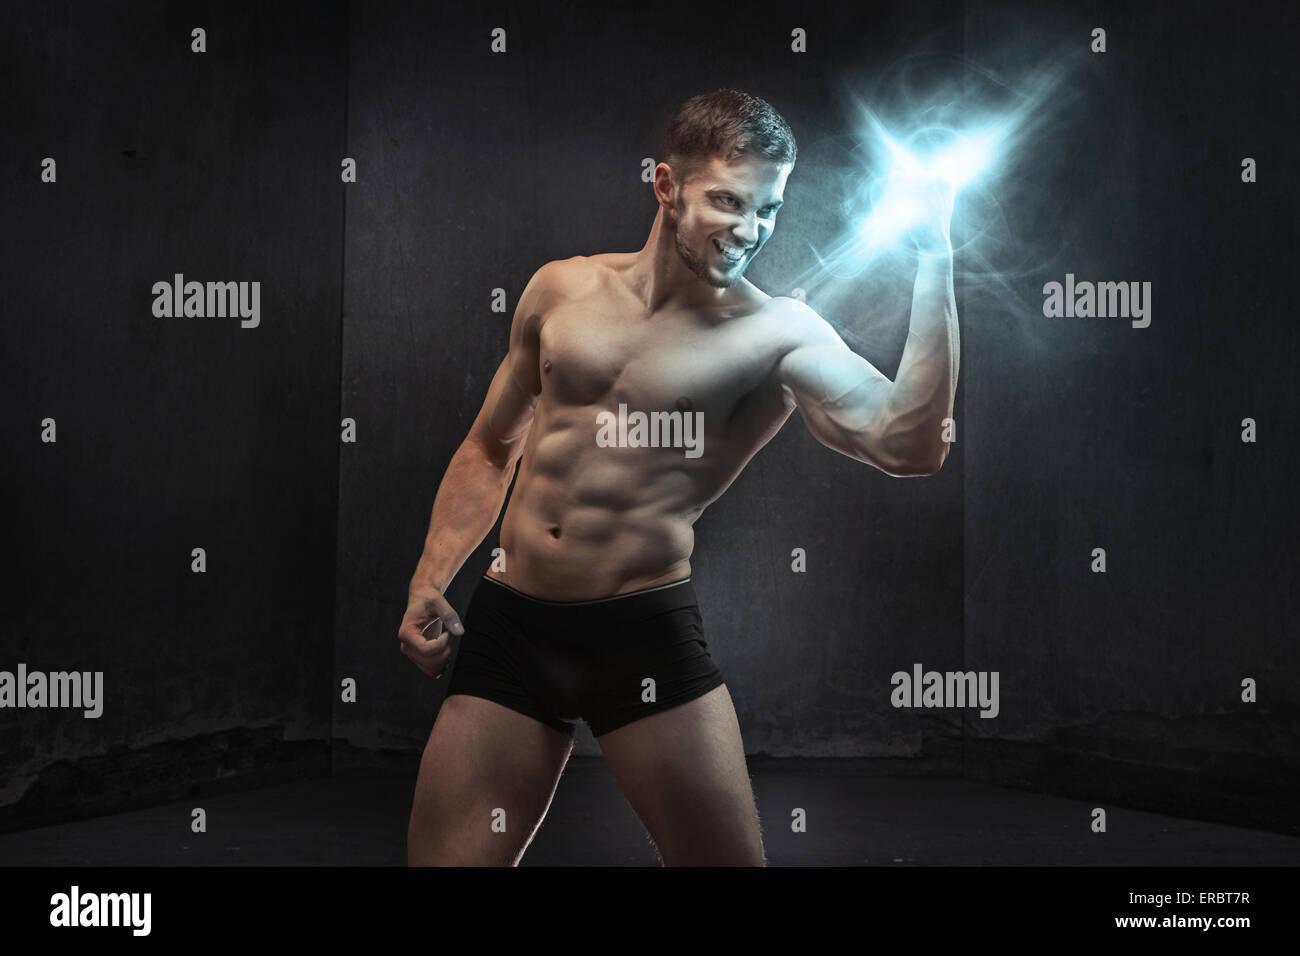 El hombre muscular exprimiendo la potencia Foto de stock